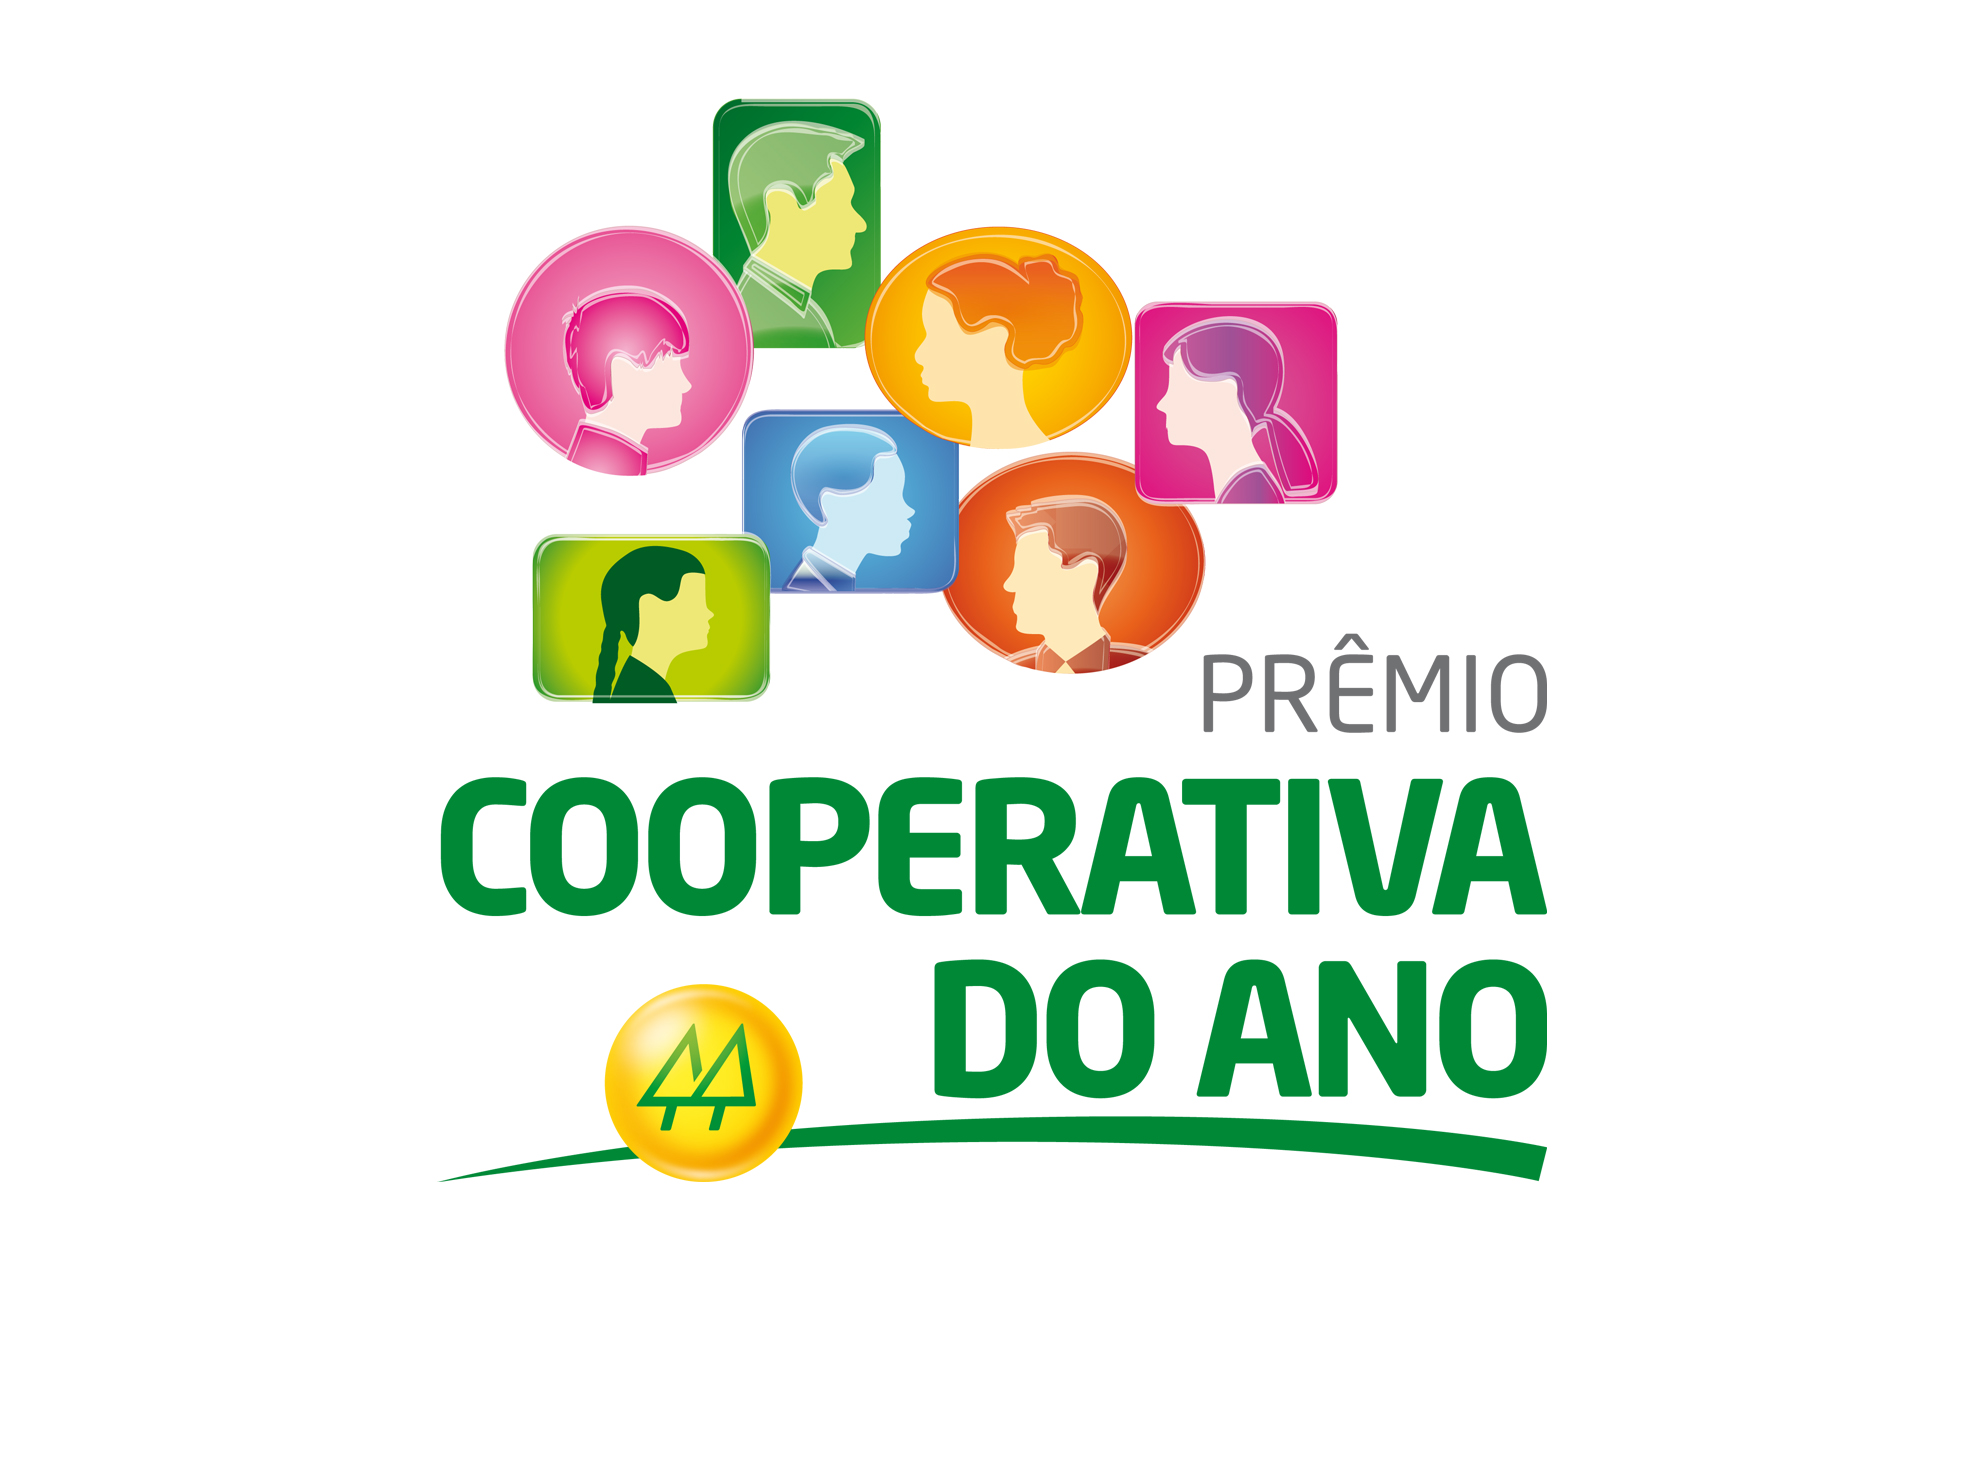 Marca Premio Cooperativa Do Ano 21 11 2012